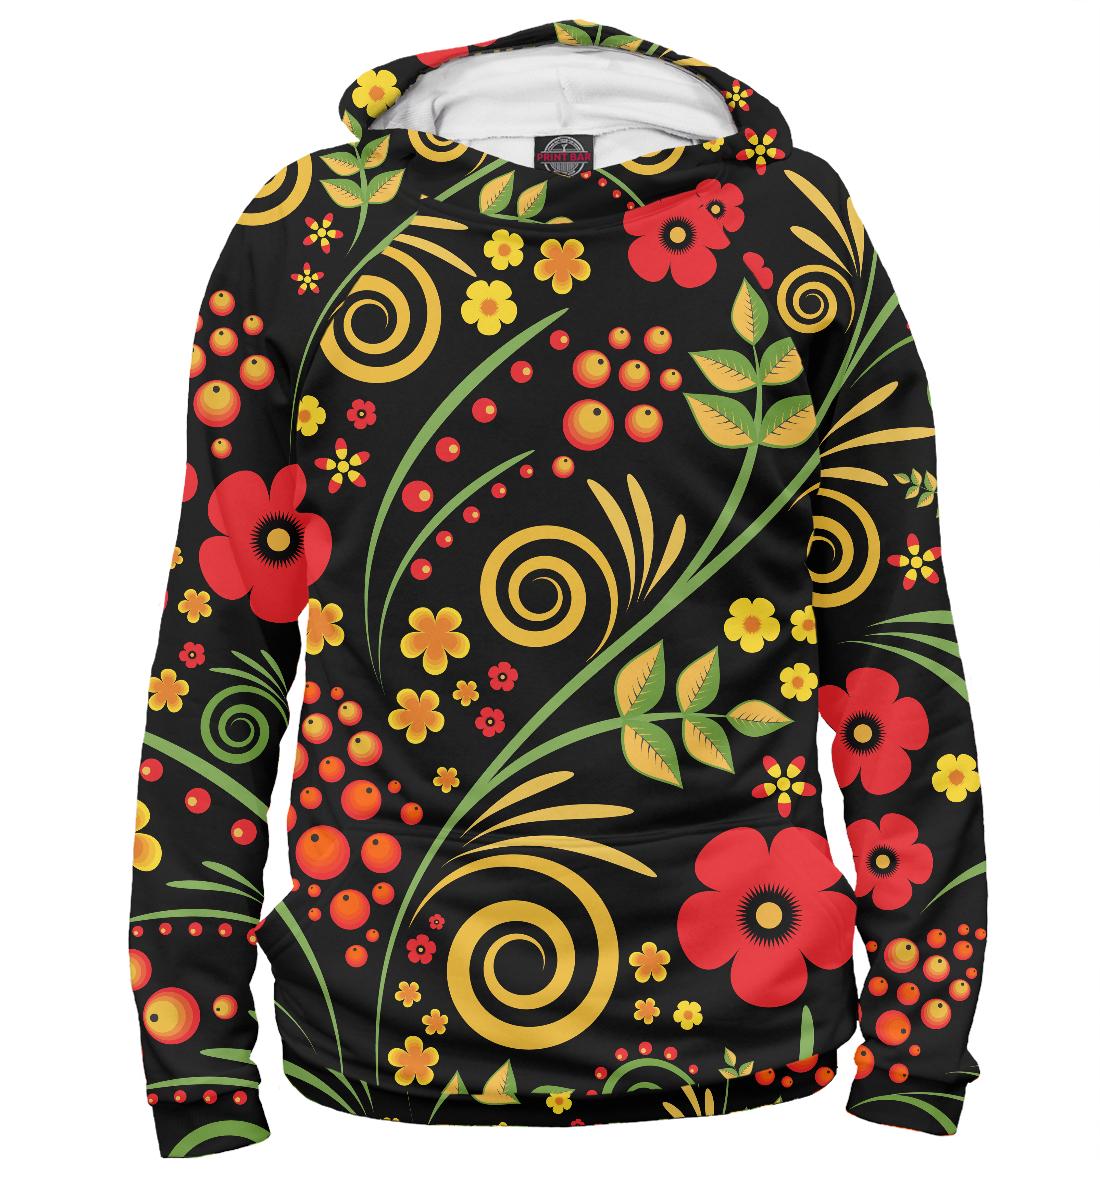 Купить Русский стиль, Printbar, Худи, ORN-510833-hud-2